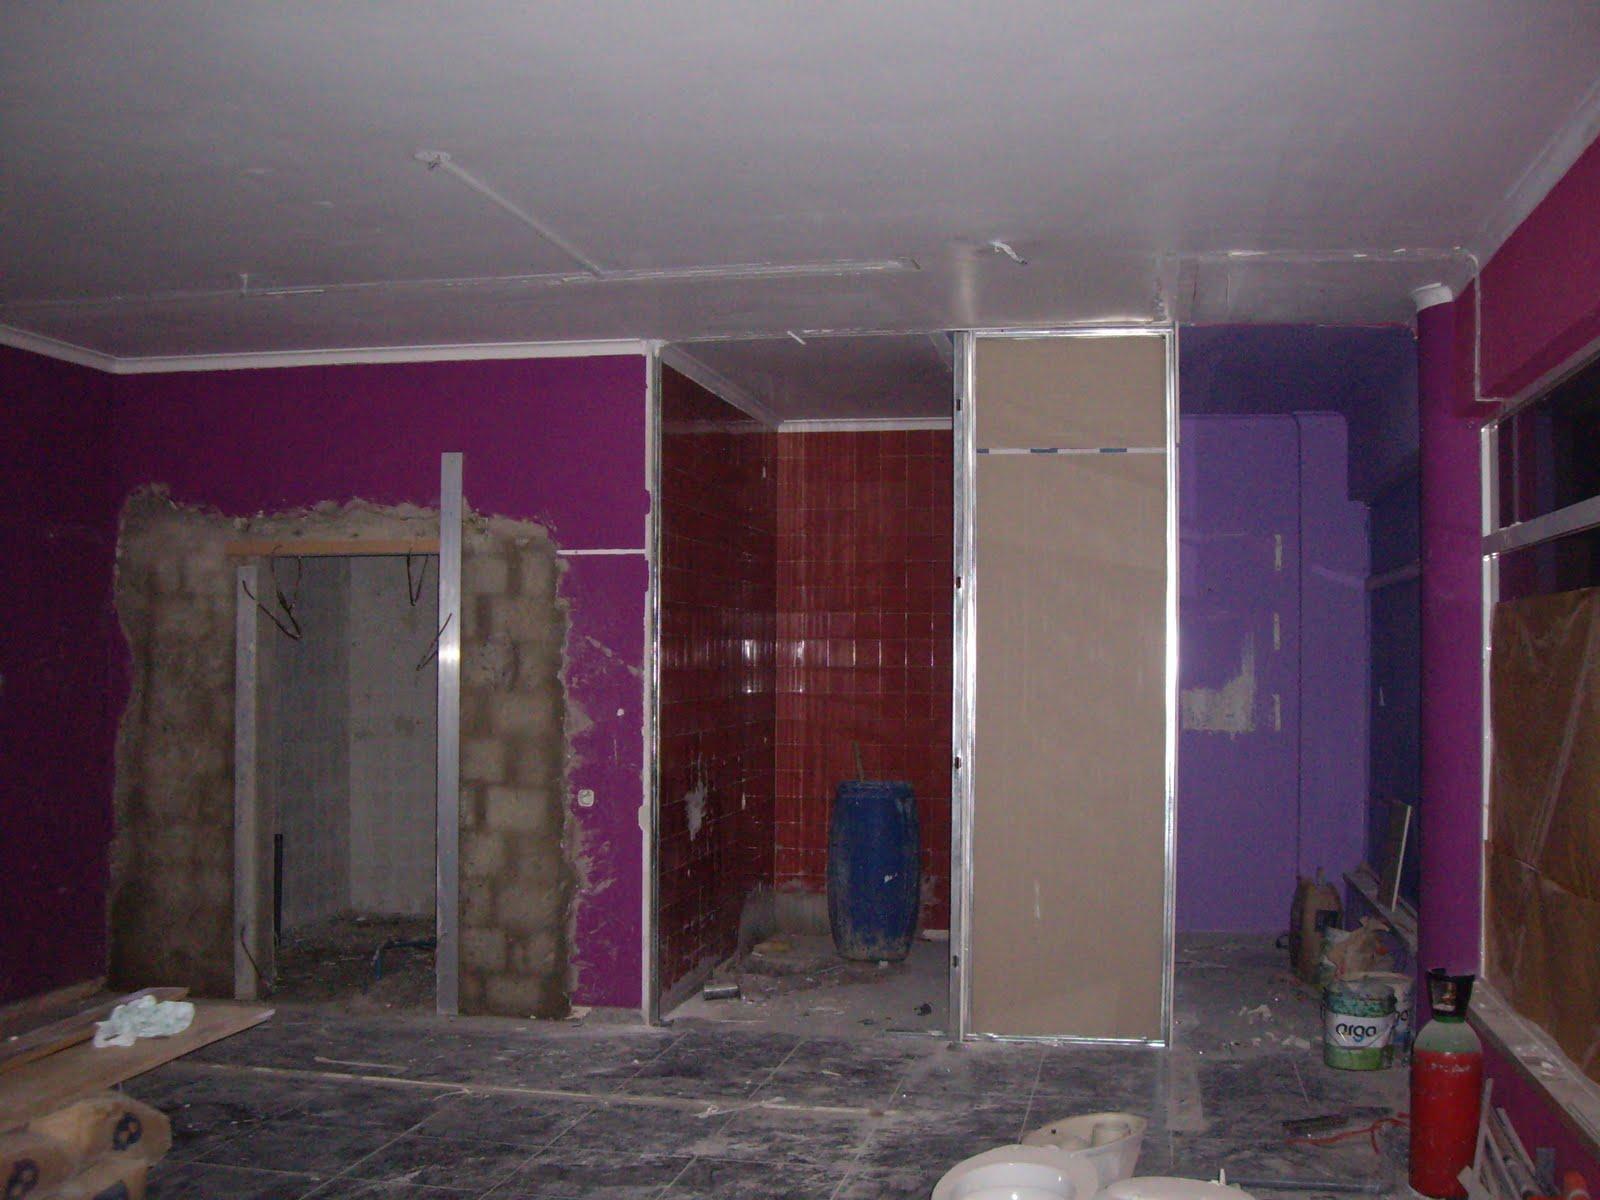 Mpr s ria d suc sso constru o remodela o e - Pladur para paredes ...